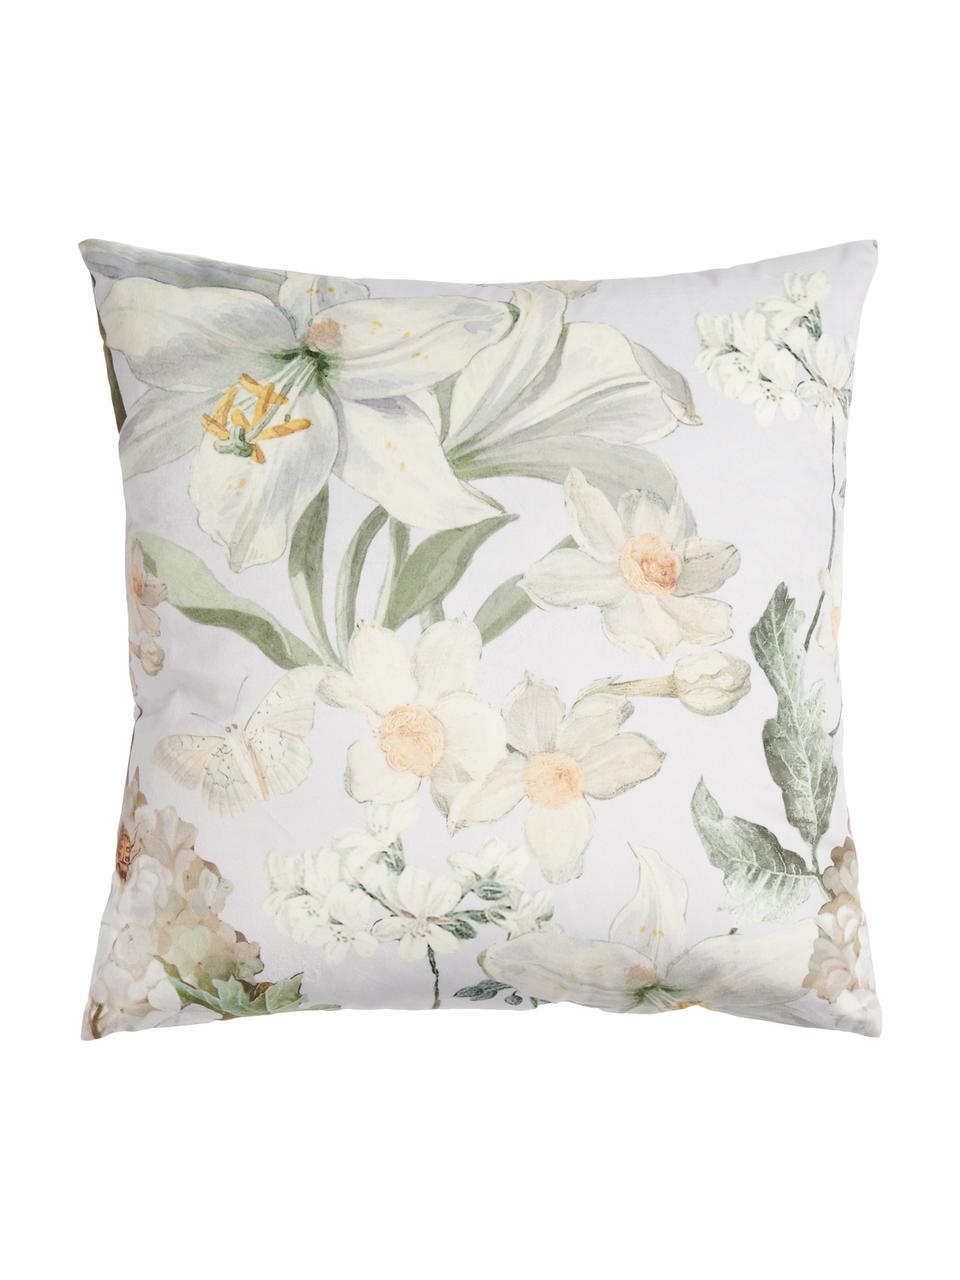 Samt-Kissen Rosalee mit Blumen-Muster, mit Inlett, 100% Polyestersamt, Hellgrau, Weiß, Beige- und Grüntöne, 50 x 50 cm